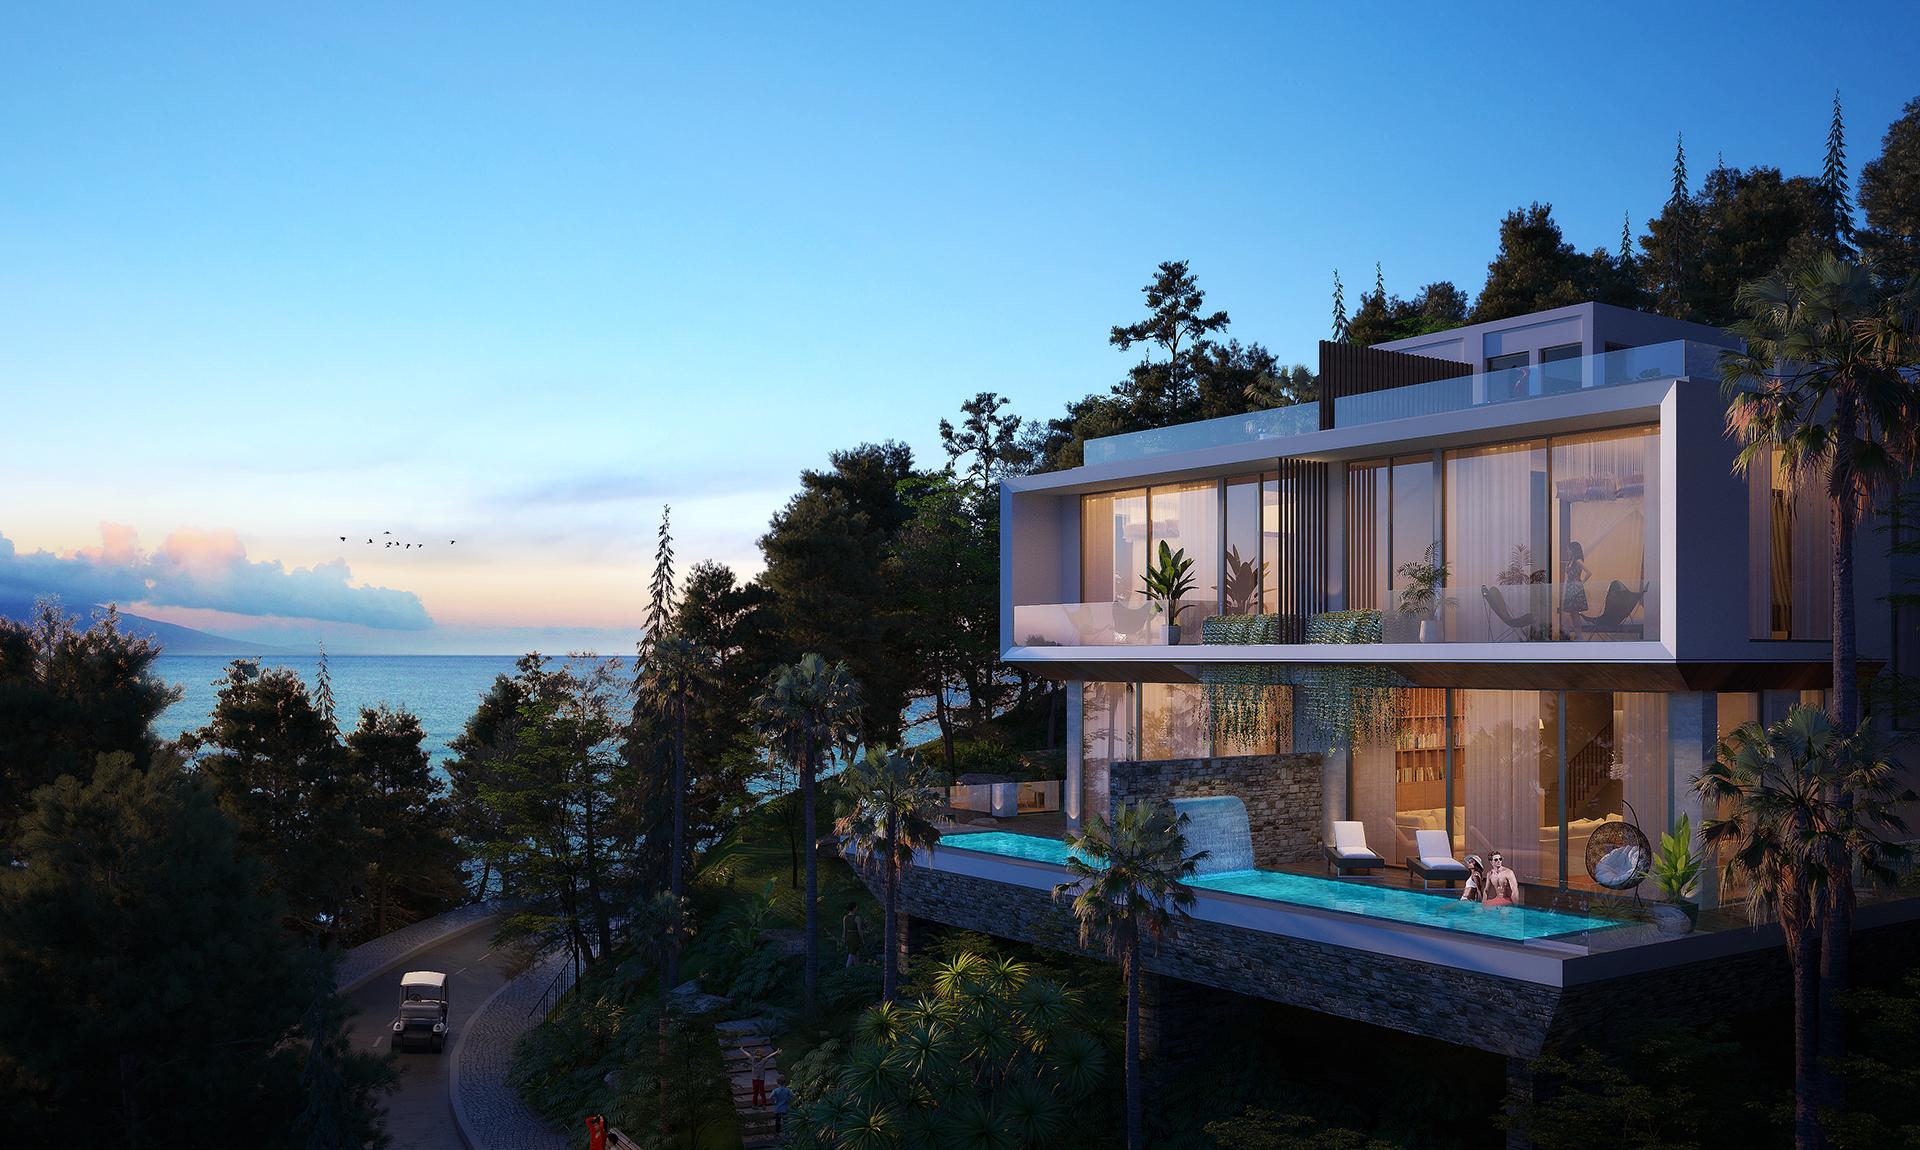 Casa Marina Premium tọa lạc tại Bãi Xép theo tiêu chuẩn 5 sao quốc tế. Ảnh phối cảnh: BCG Land.